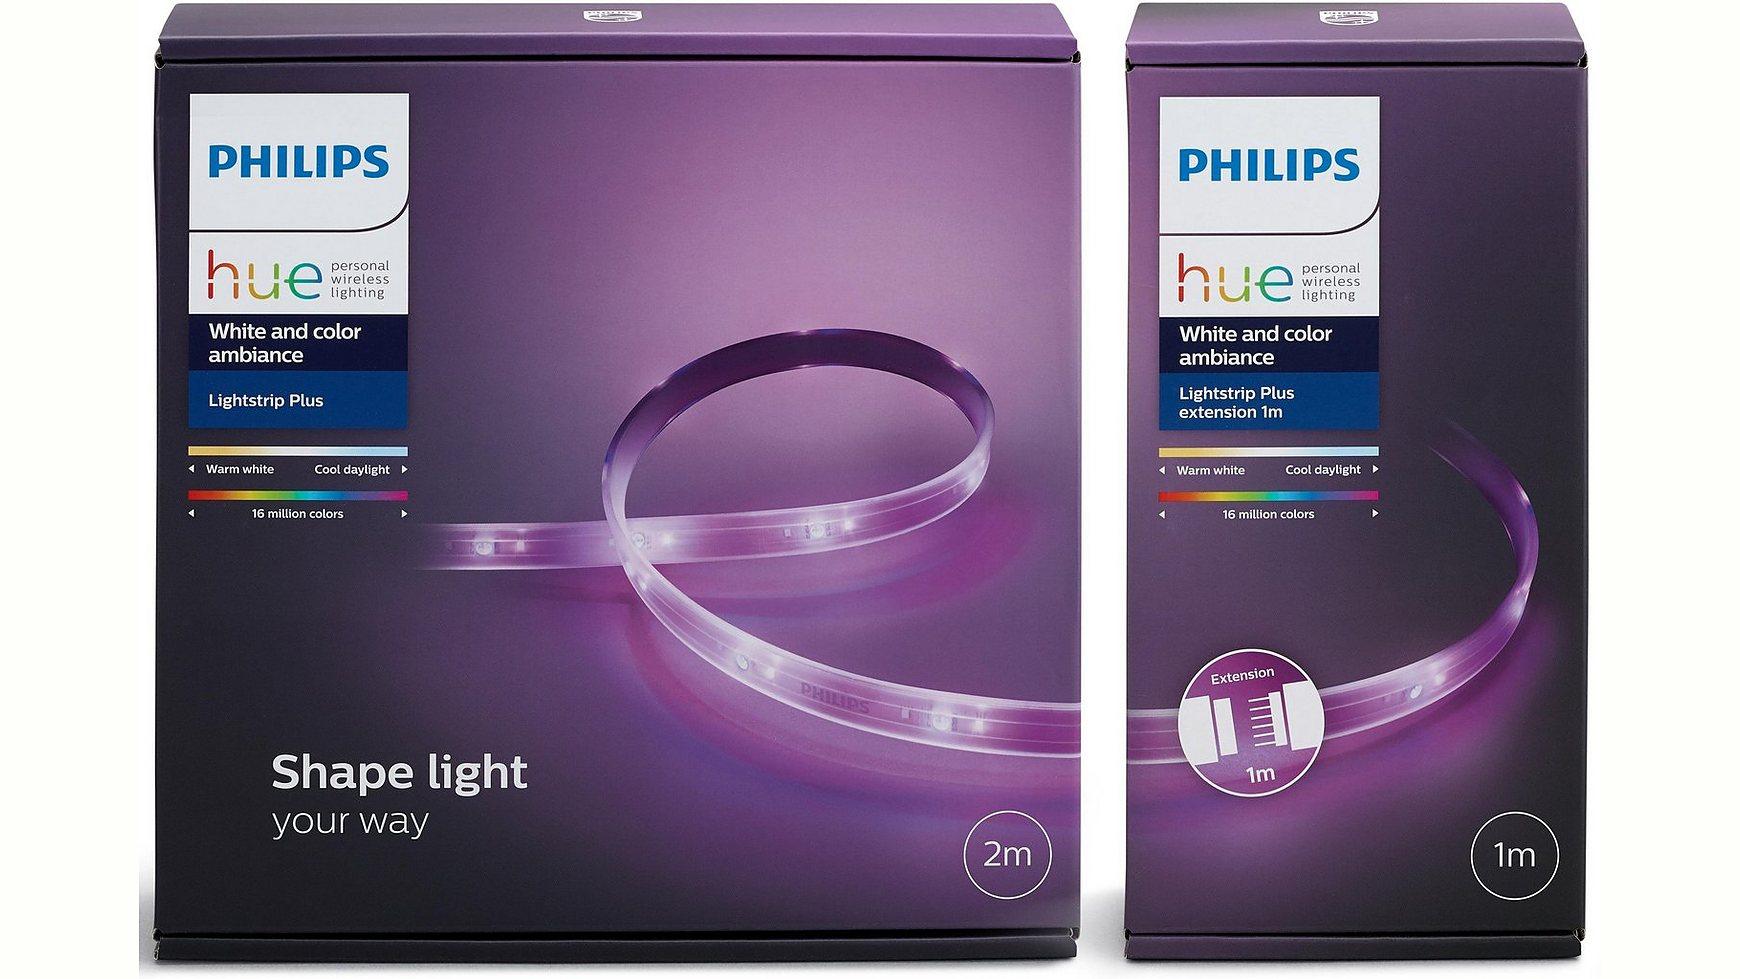 Philips Hue LightStrip Plus 2m + 1m Erweiterung